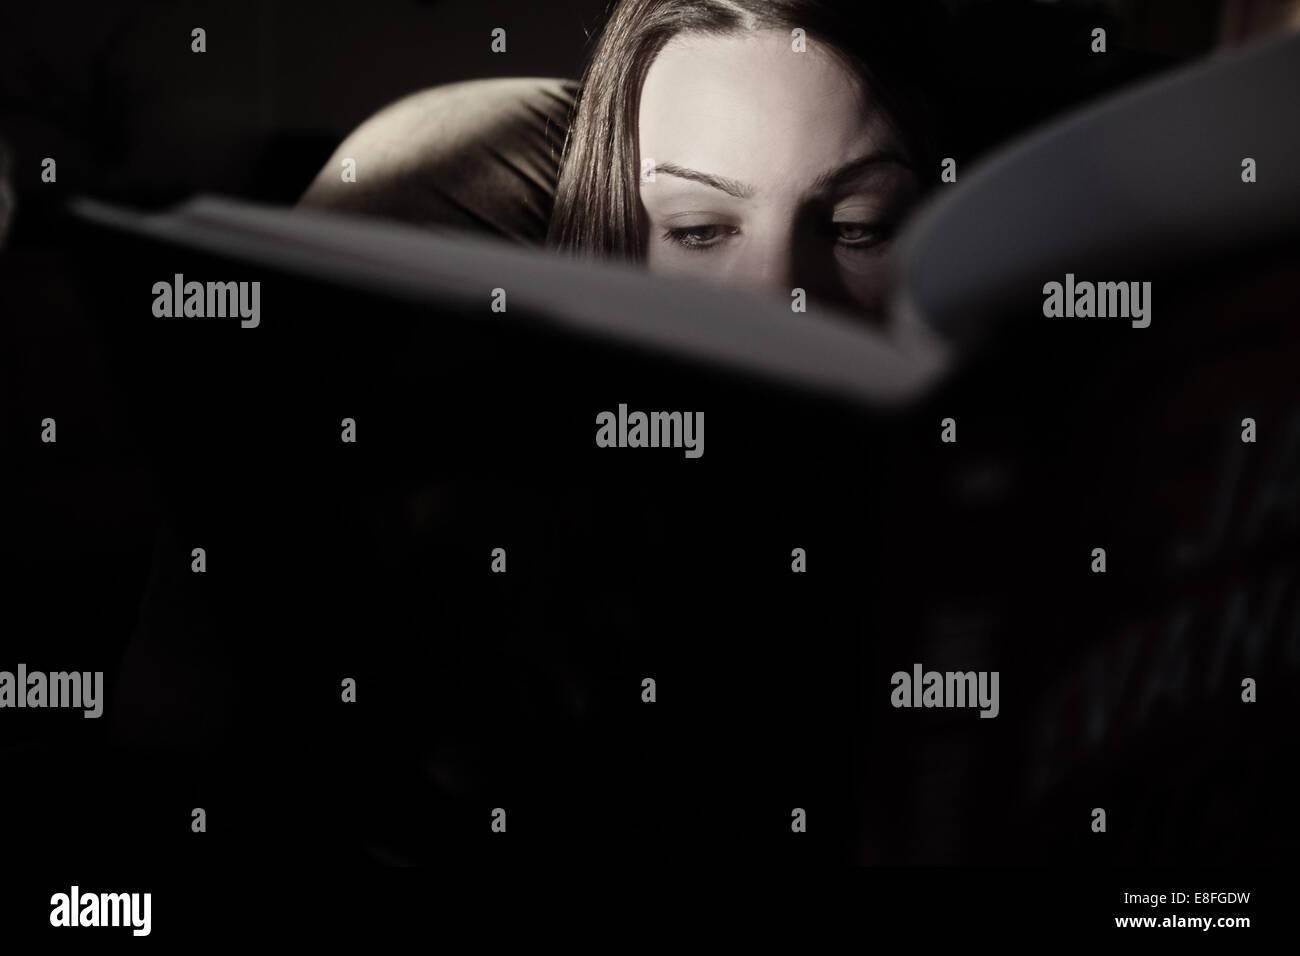 Nahaufnahme von Frau liest ein Buch Stockbild